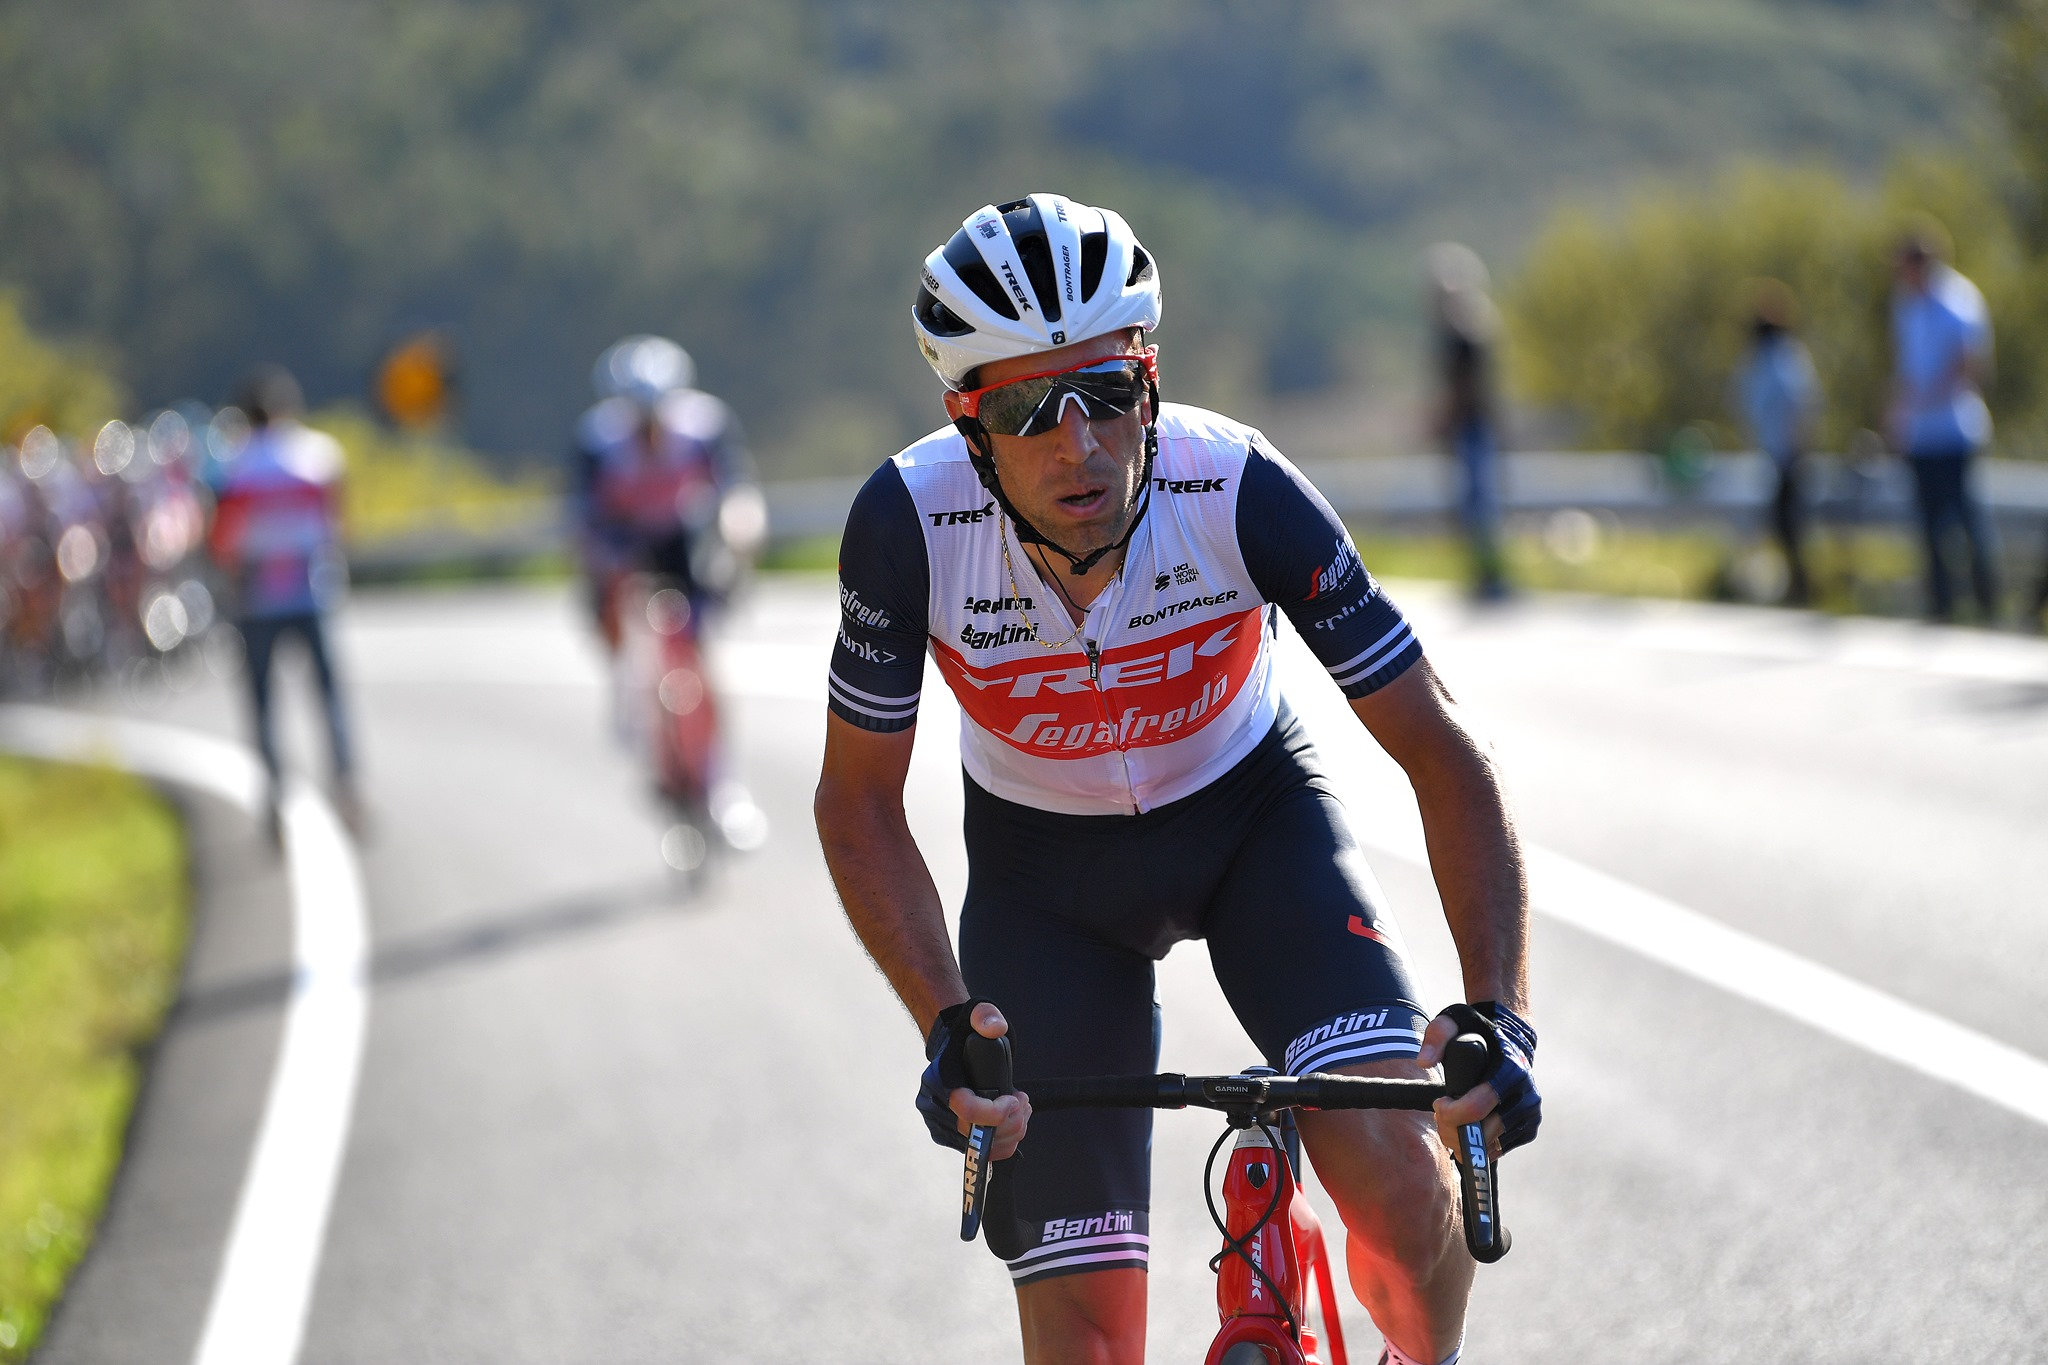 Ciclismo, Giro d'Italia 2021 al via sabato prossimo: Vincenzo Nibali ci sarà e vuole lasciare il segno